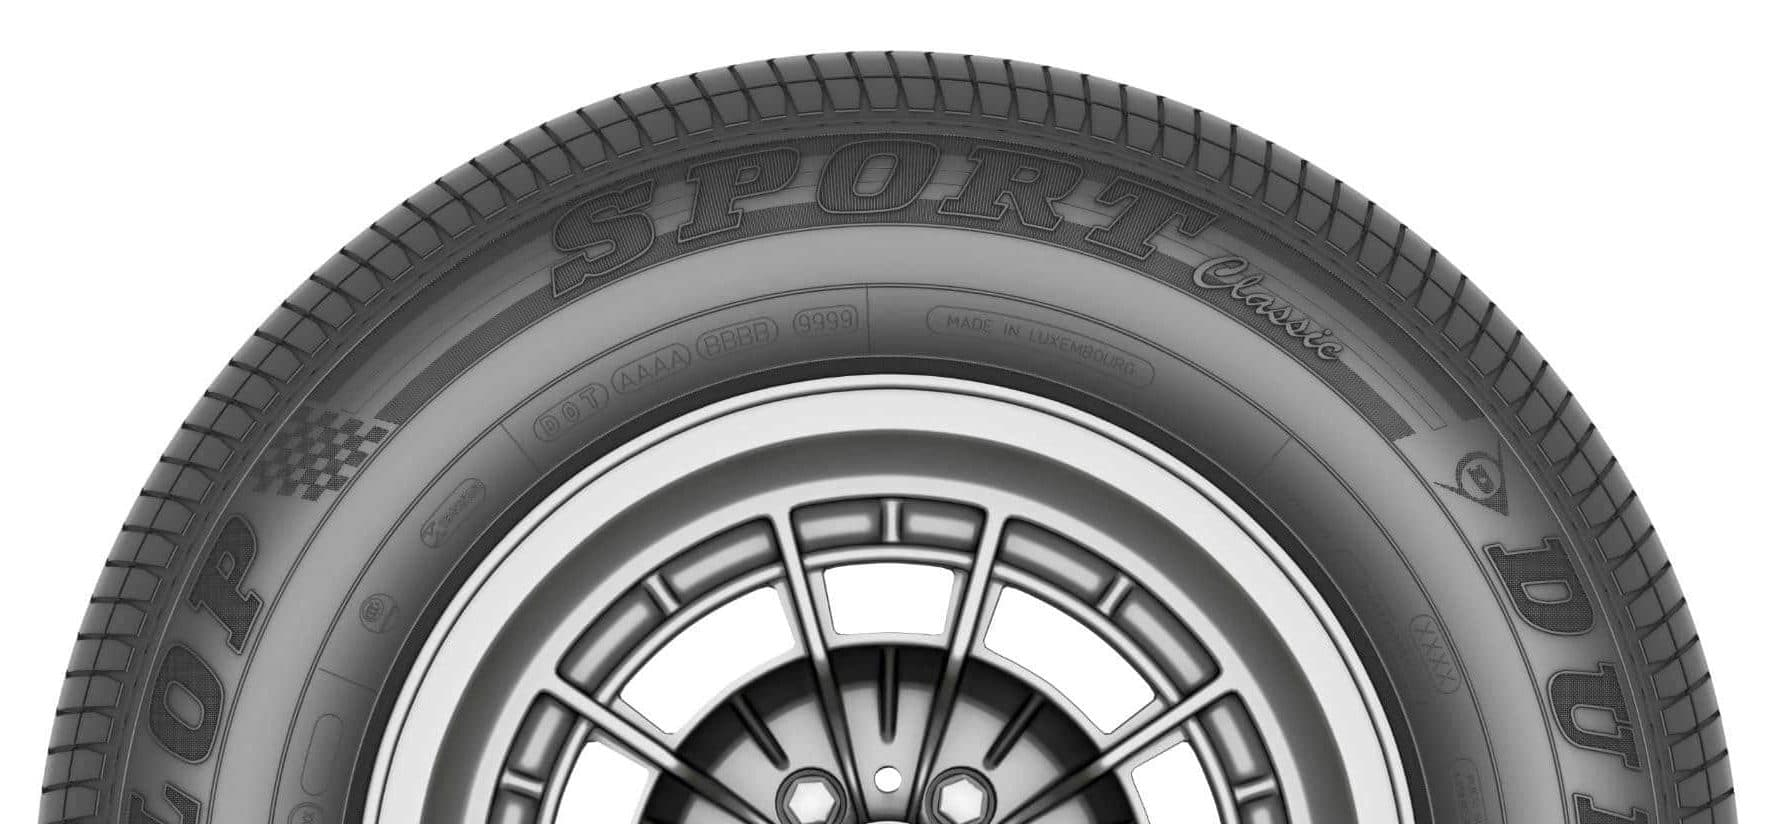 Pneumatique Dunlop pour les voitures vintage